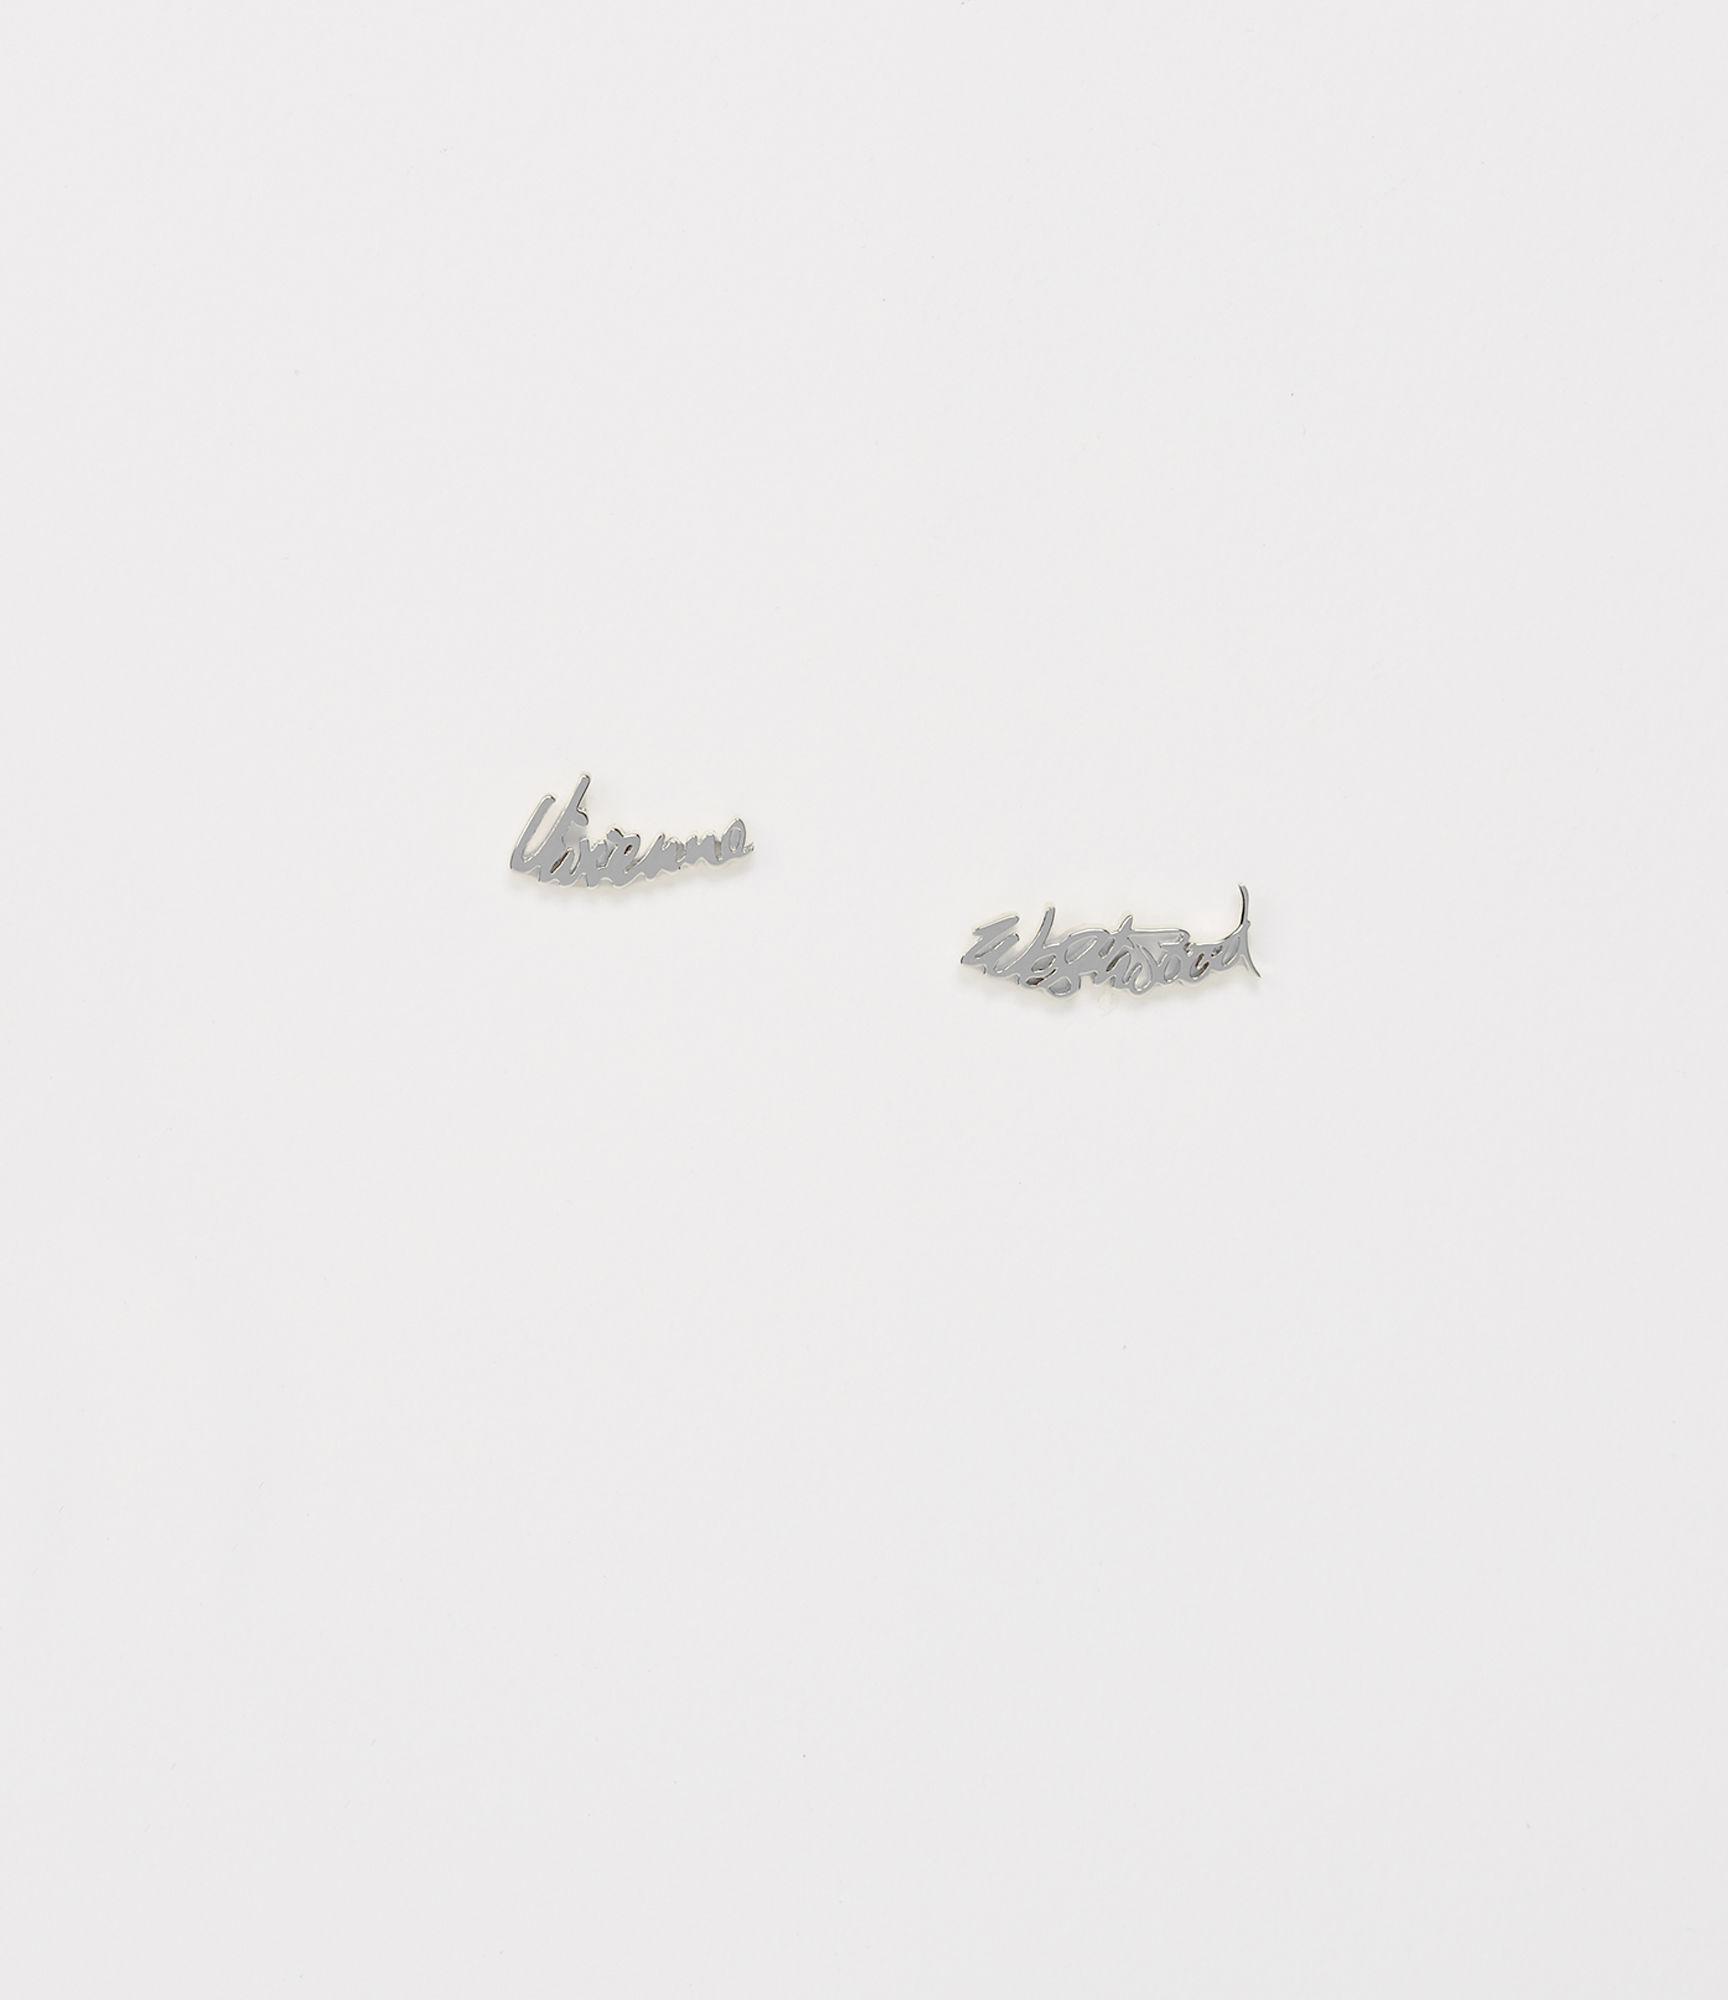 c487e67fe Vivienne Westwood Vw Earrings Silver Tone in Metallic - Lyst